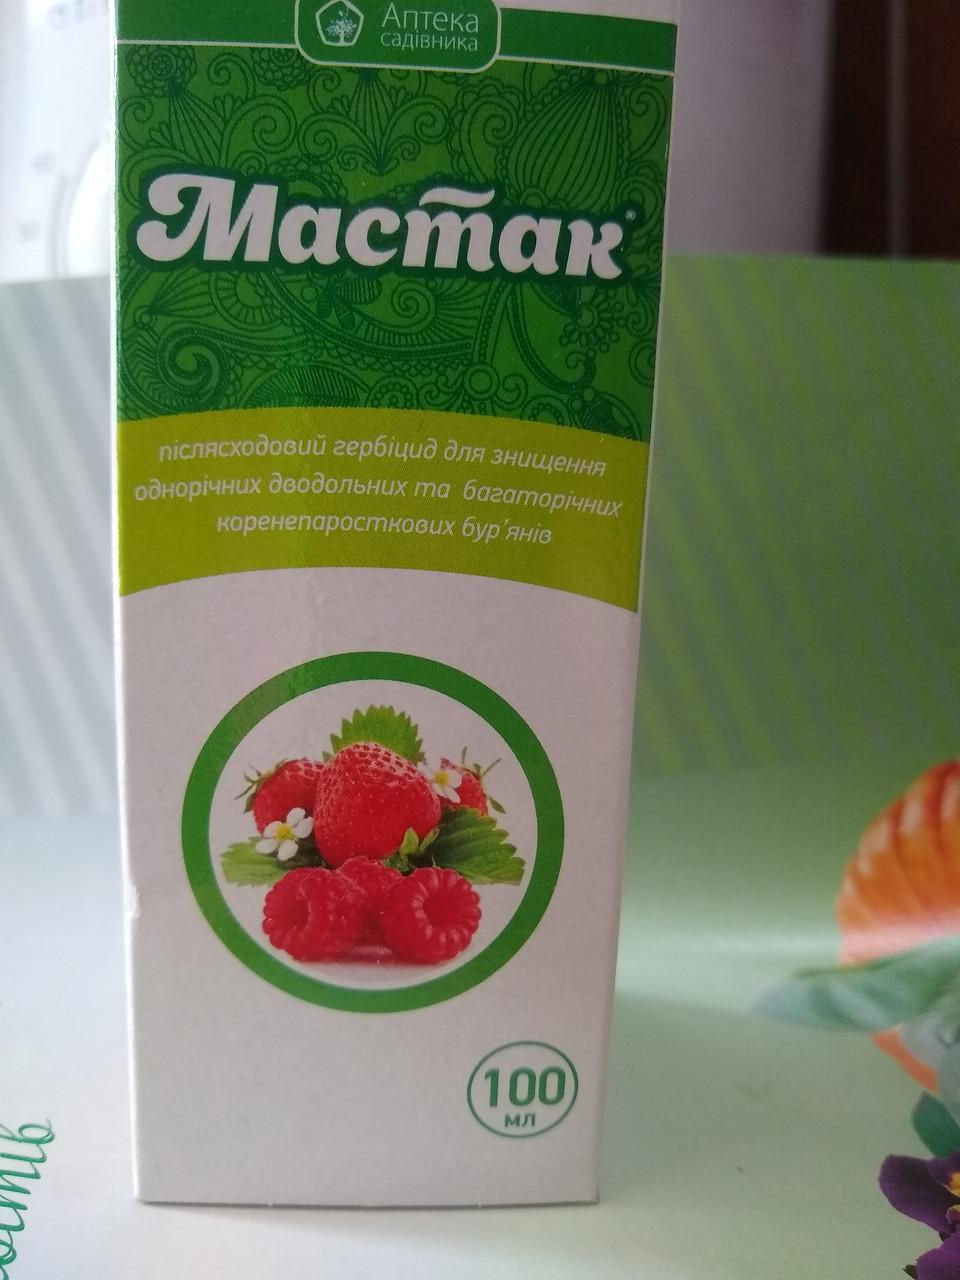 """Послевсходовый гербицид для малины, клубники """"Мастак"""" 100 мл на 10 соток, """"Укравит"""", Украина"""